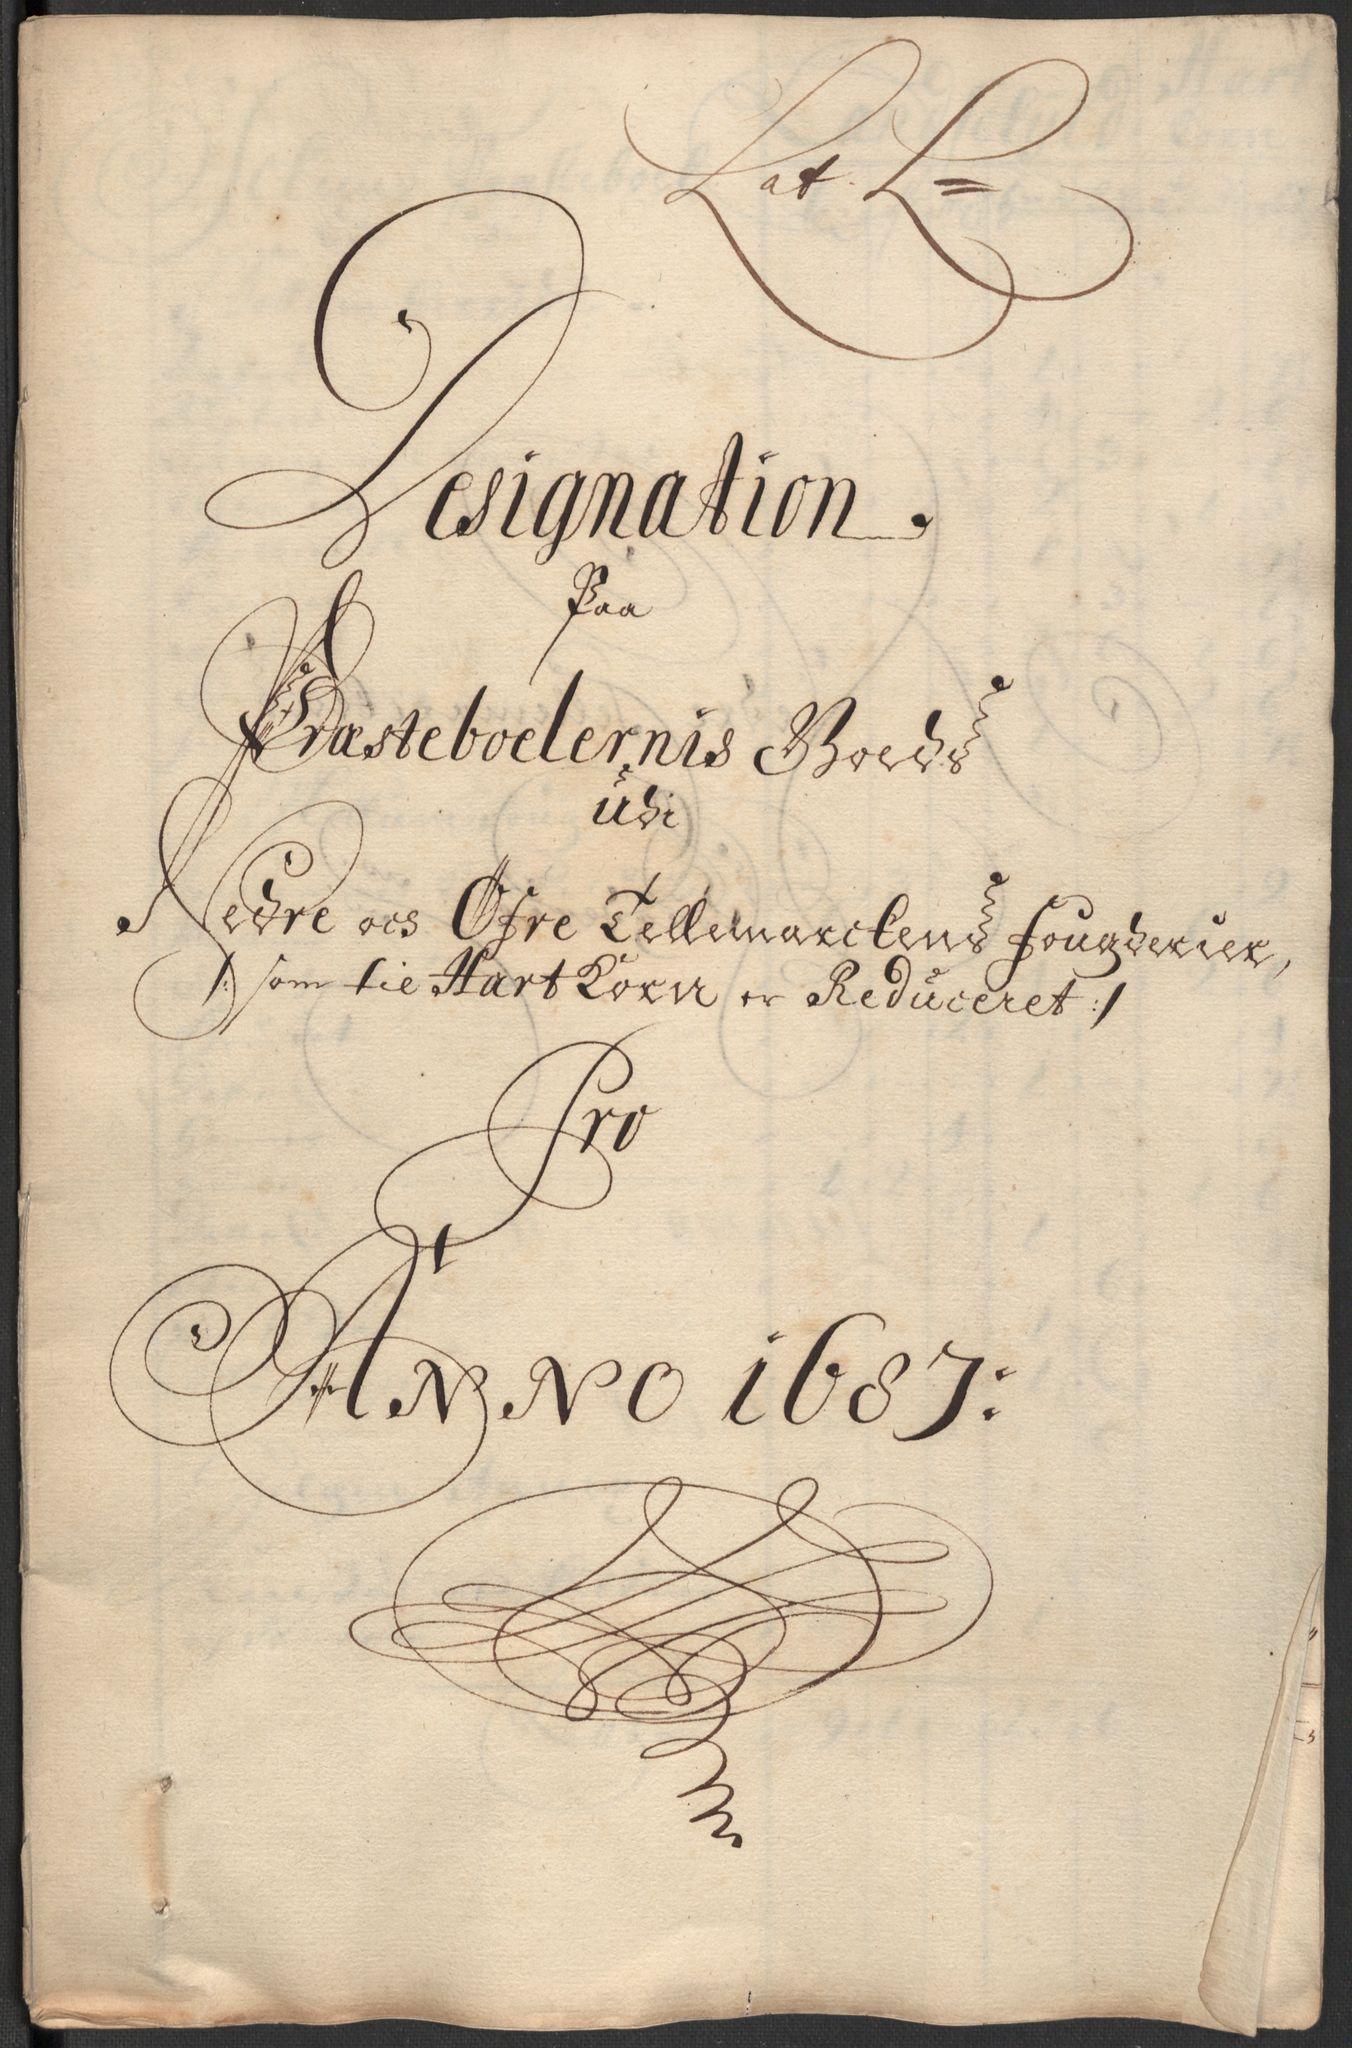 RA, Rentekammeret inntil 1814, Reviderte regnskaper, Fogderegnskap, R35/L2086: Fogderegnskap Øvre og Nedre Telemark, 1687-1689, s. 177